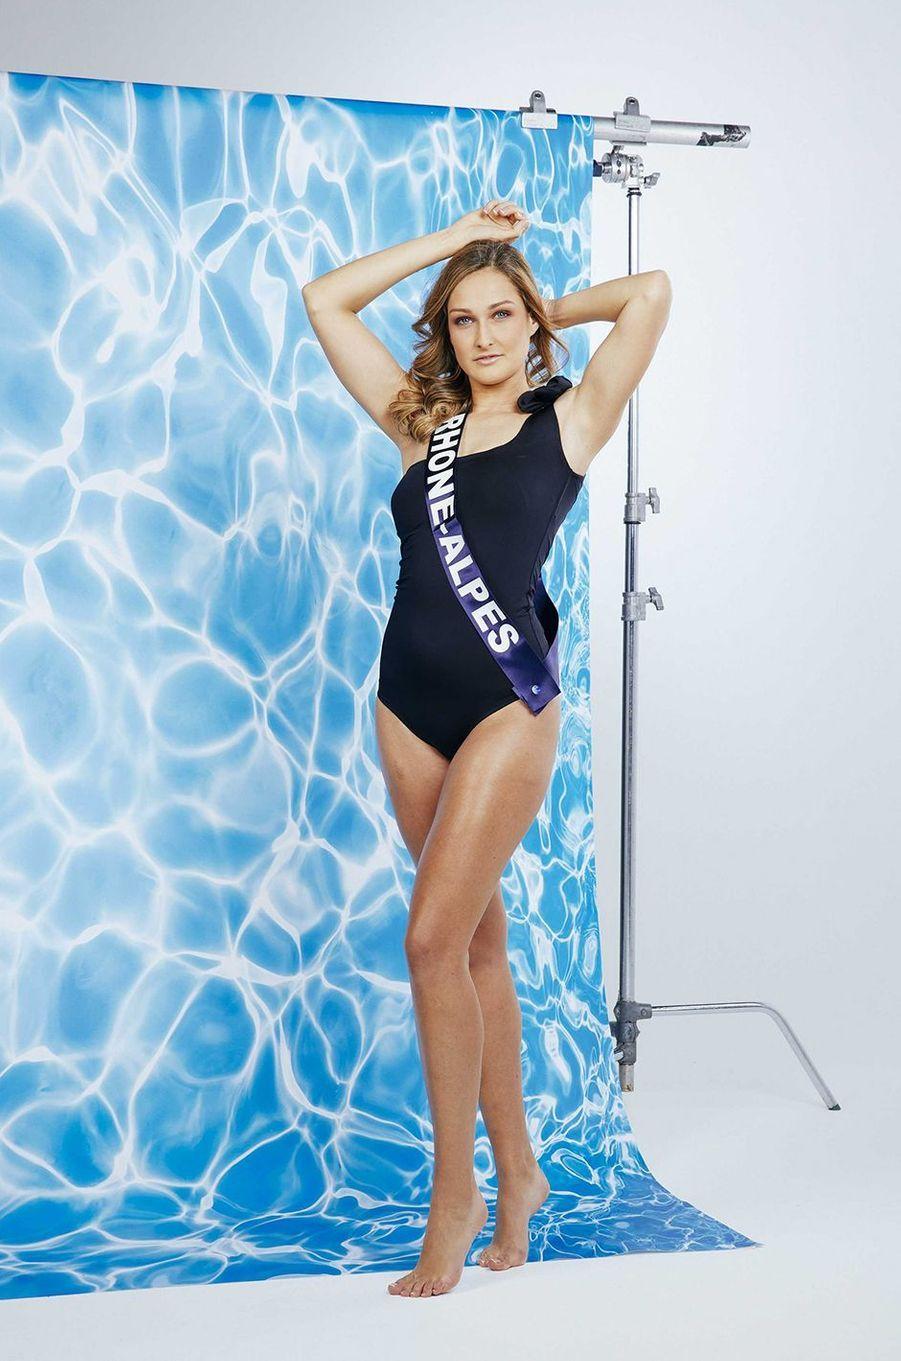 Miss Rhône-Alpes, Anaïs Roux